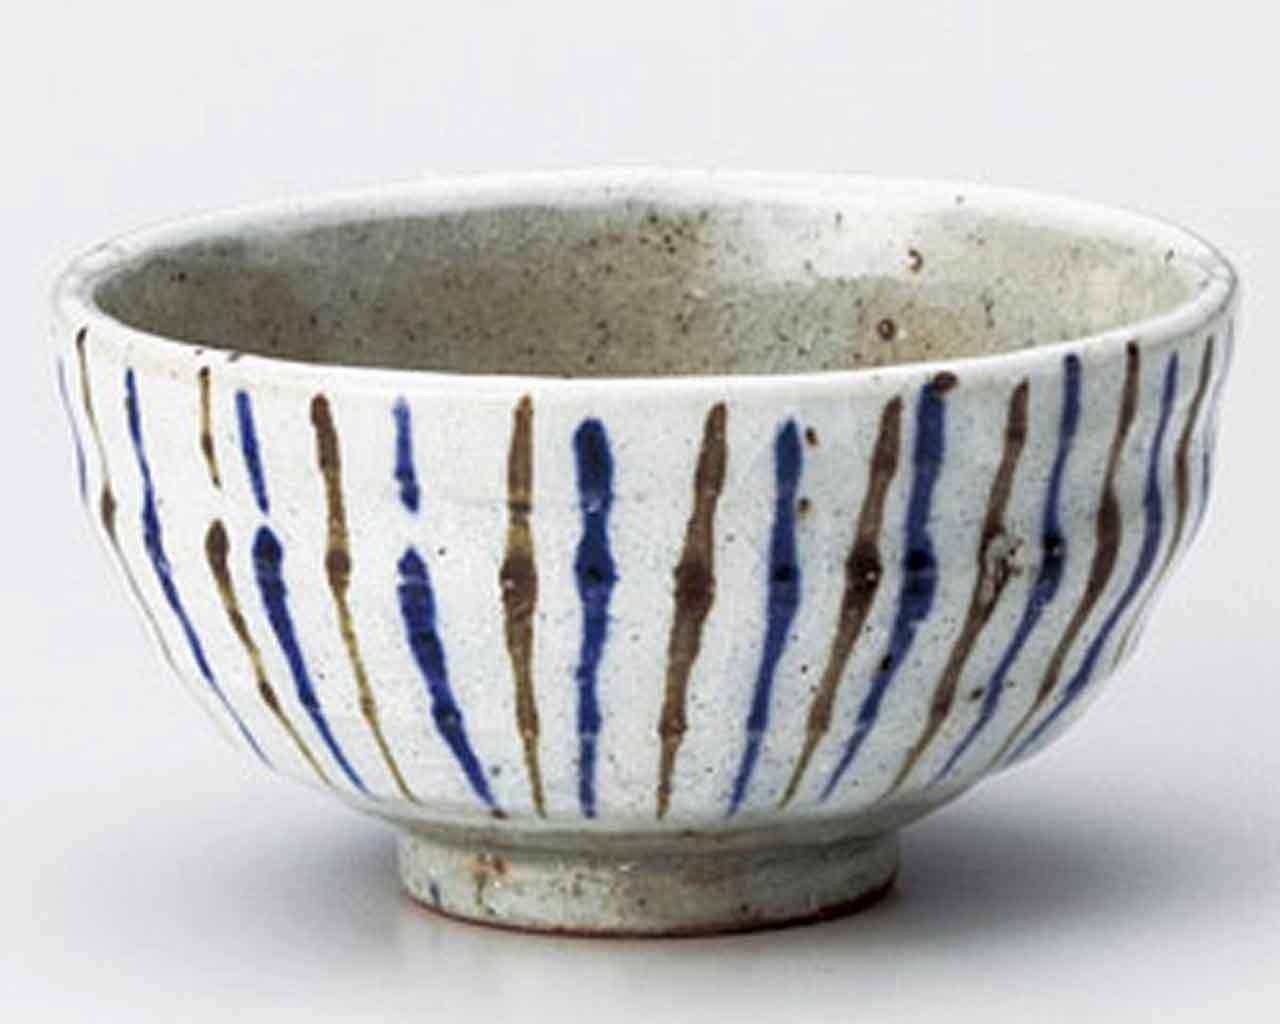 Tokusa 4.6inch Set of 2 RICE-BOWLs Grey Ceramic Made in Japan watou.asia 4562495479601